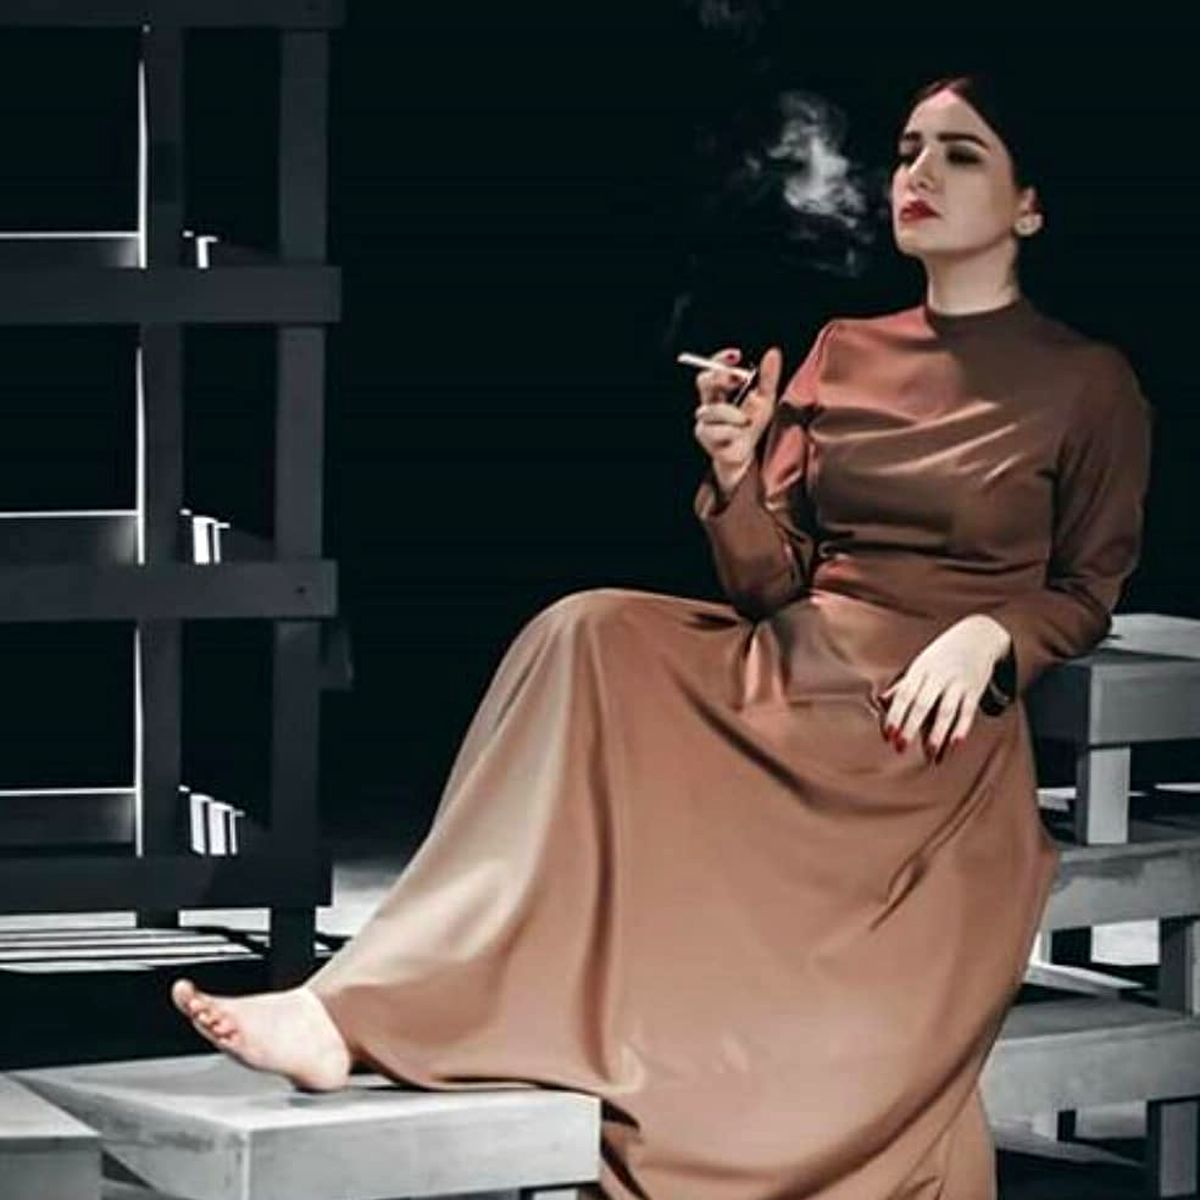 سیگار کشیدن متین ستوده با پیراهنی تنگ + عکس